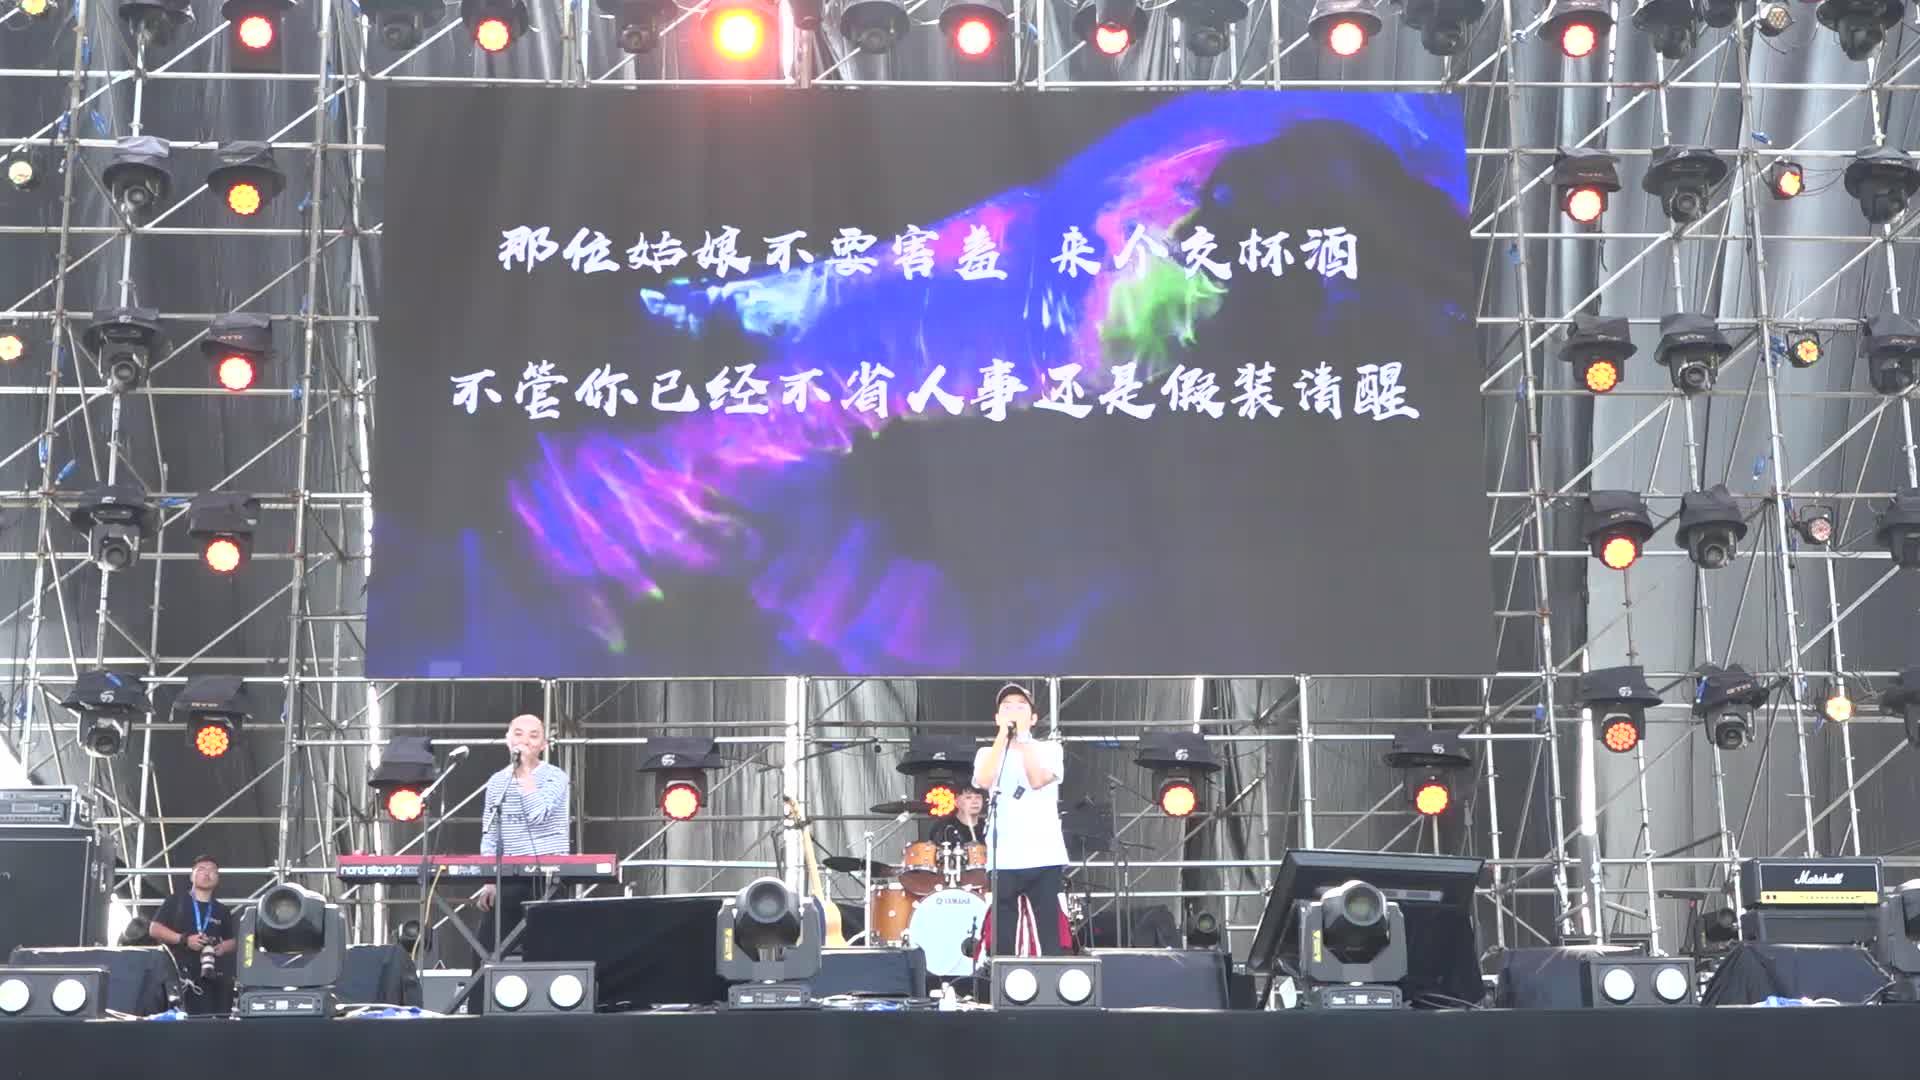 黑撒乐队+卢鑫玉浩